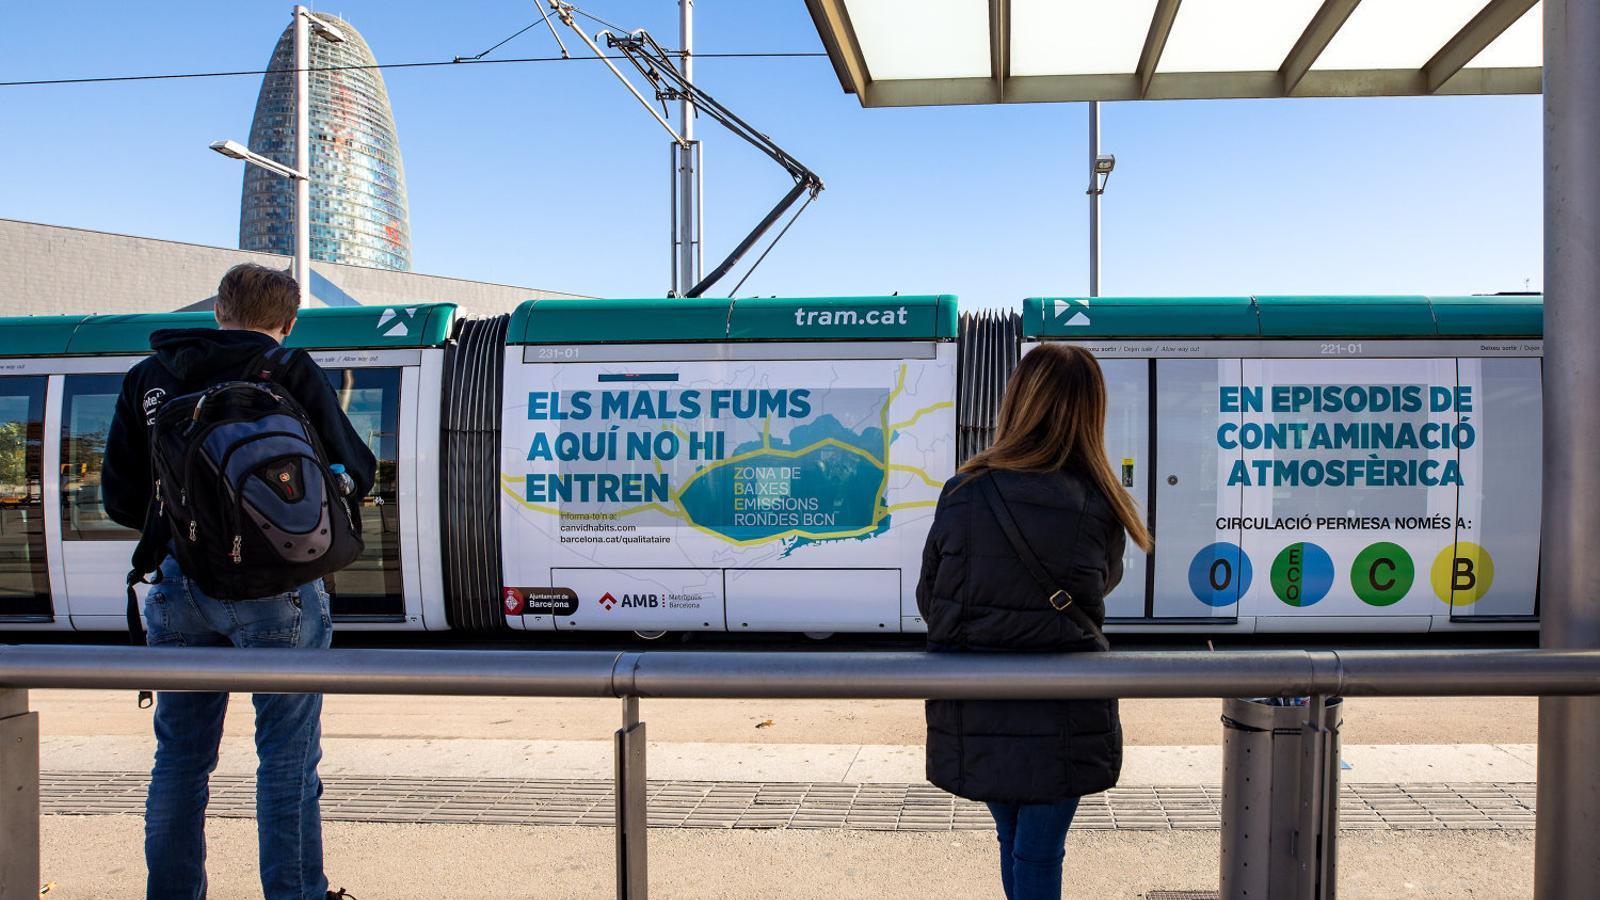 Barcelona tindrà 50.000 vehicles menys a partir del 2020 per frenar la contaminació